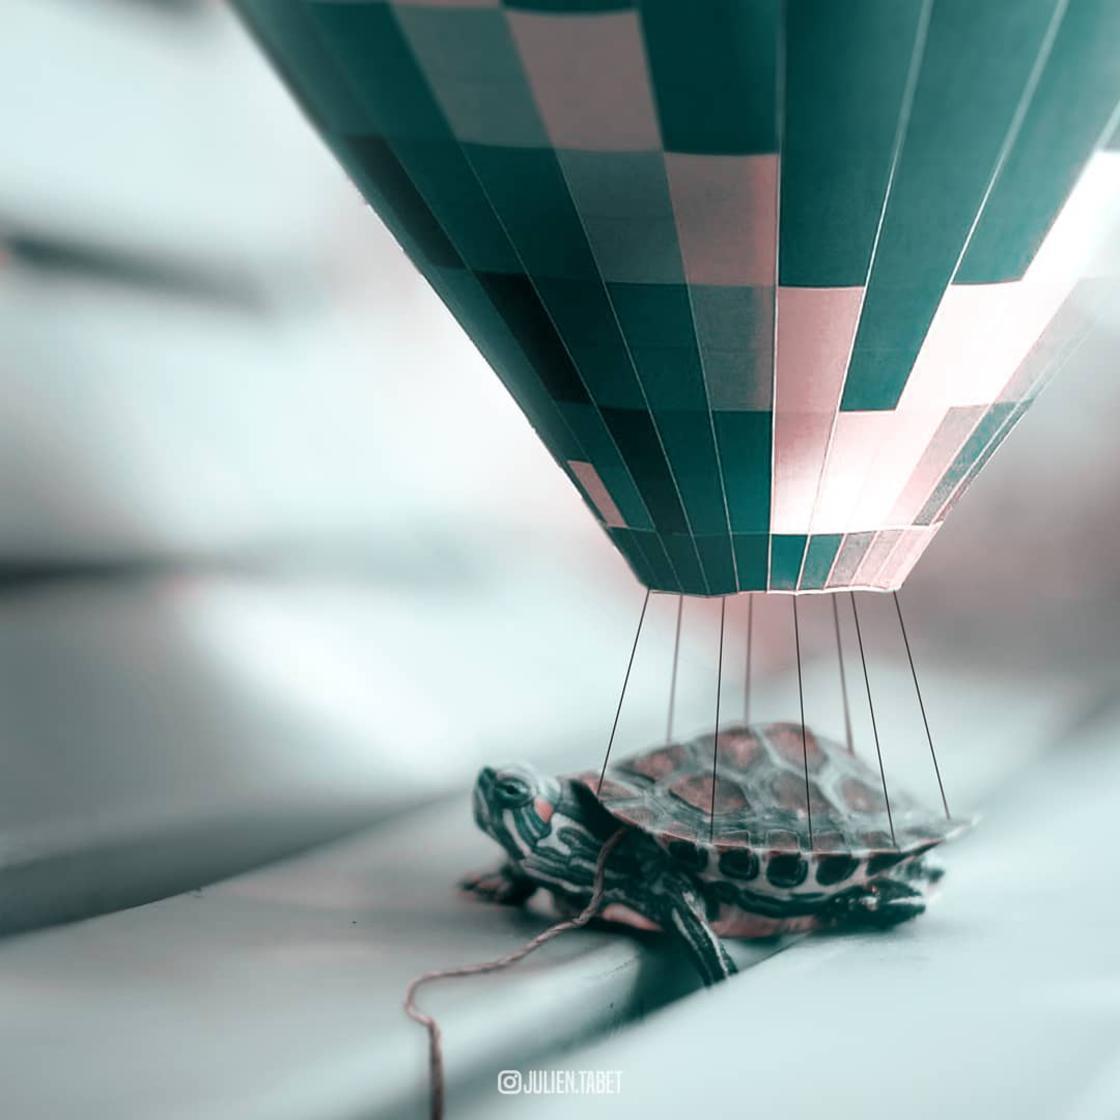 Le creazioni fantastiche di Julien Tabet | Collater.al 10